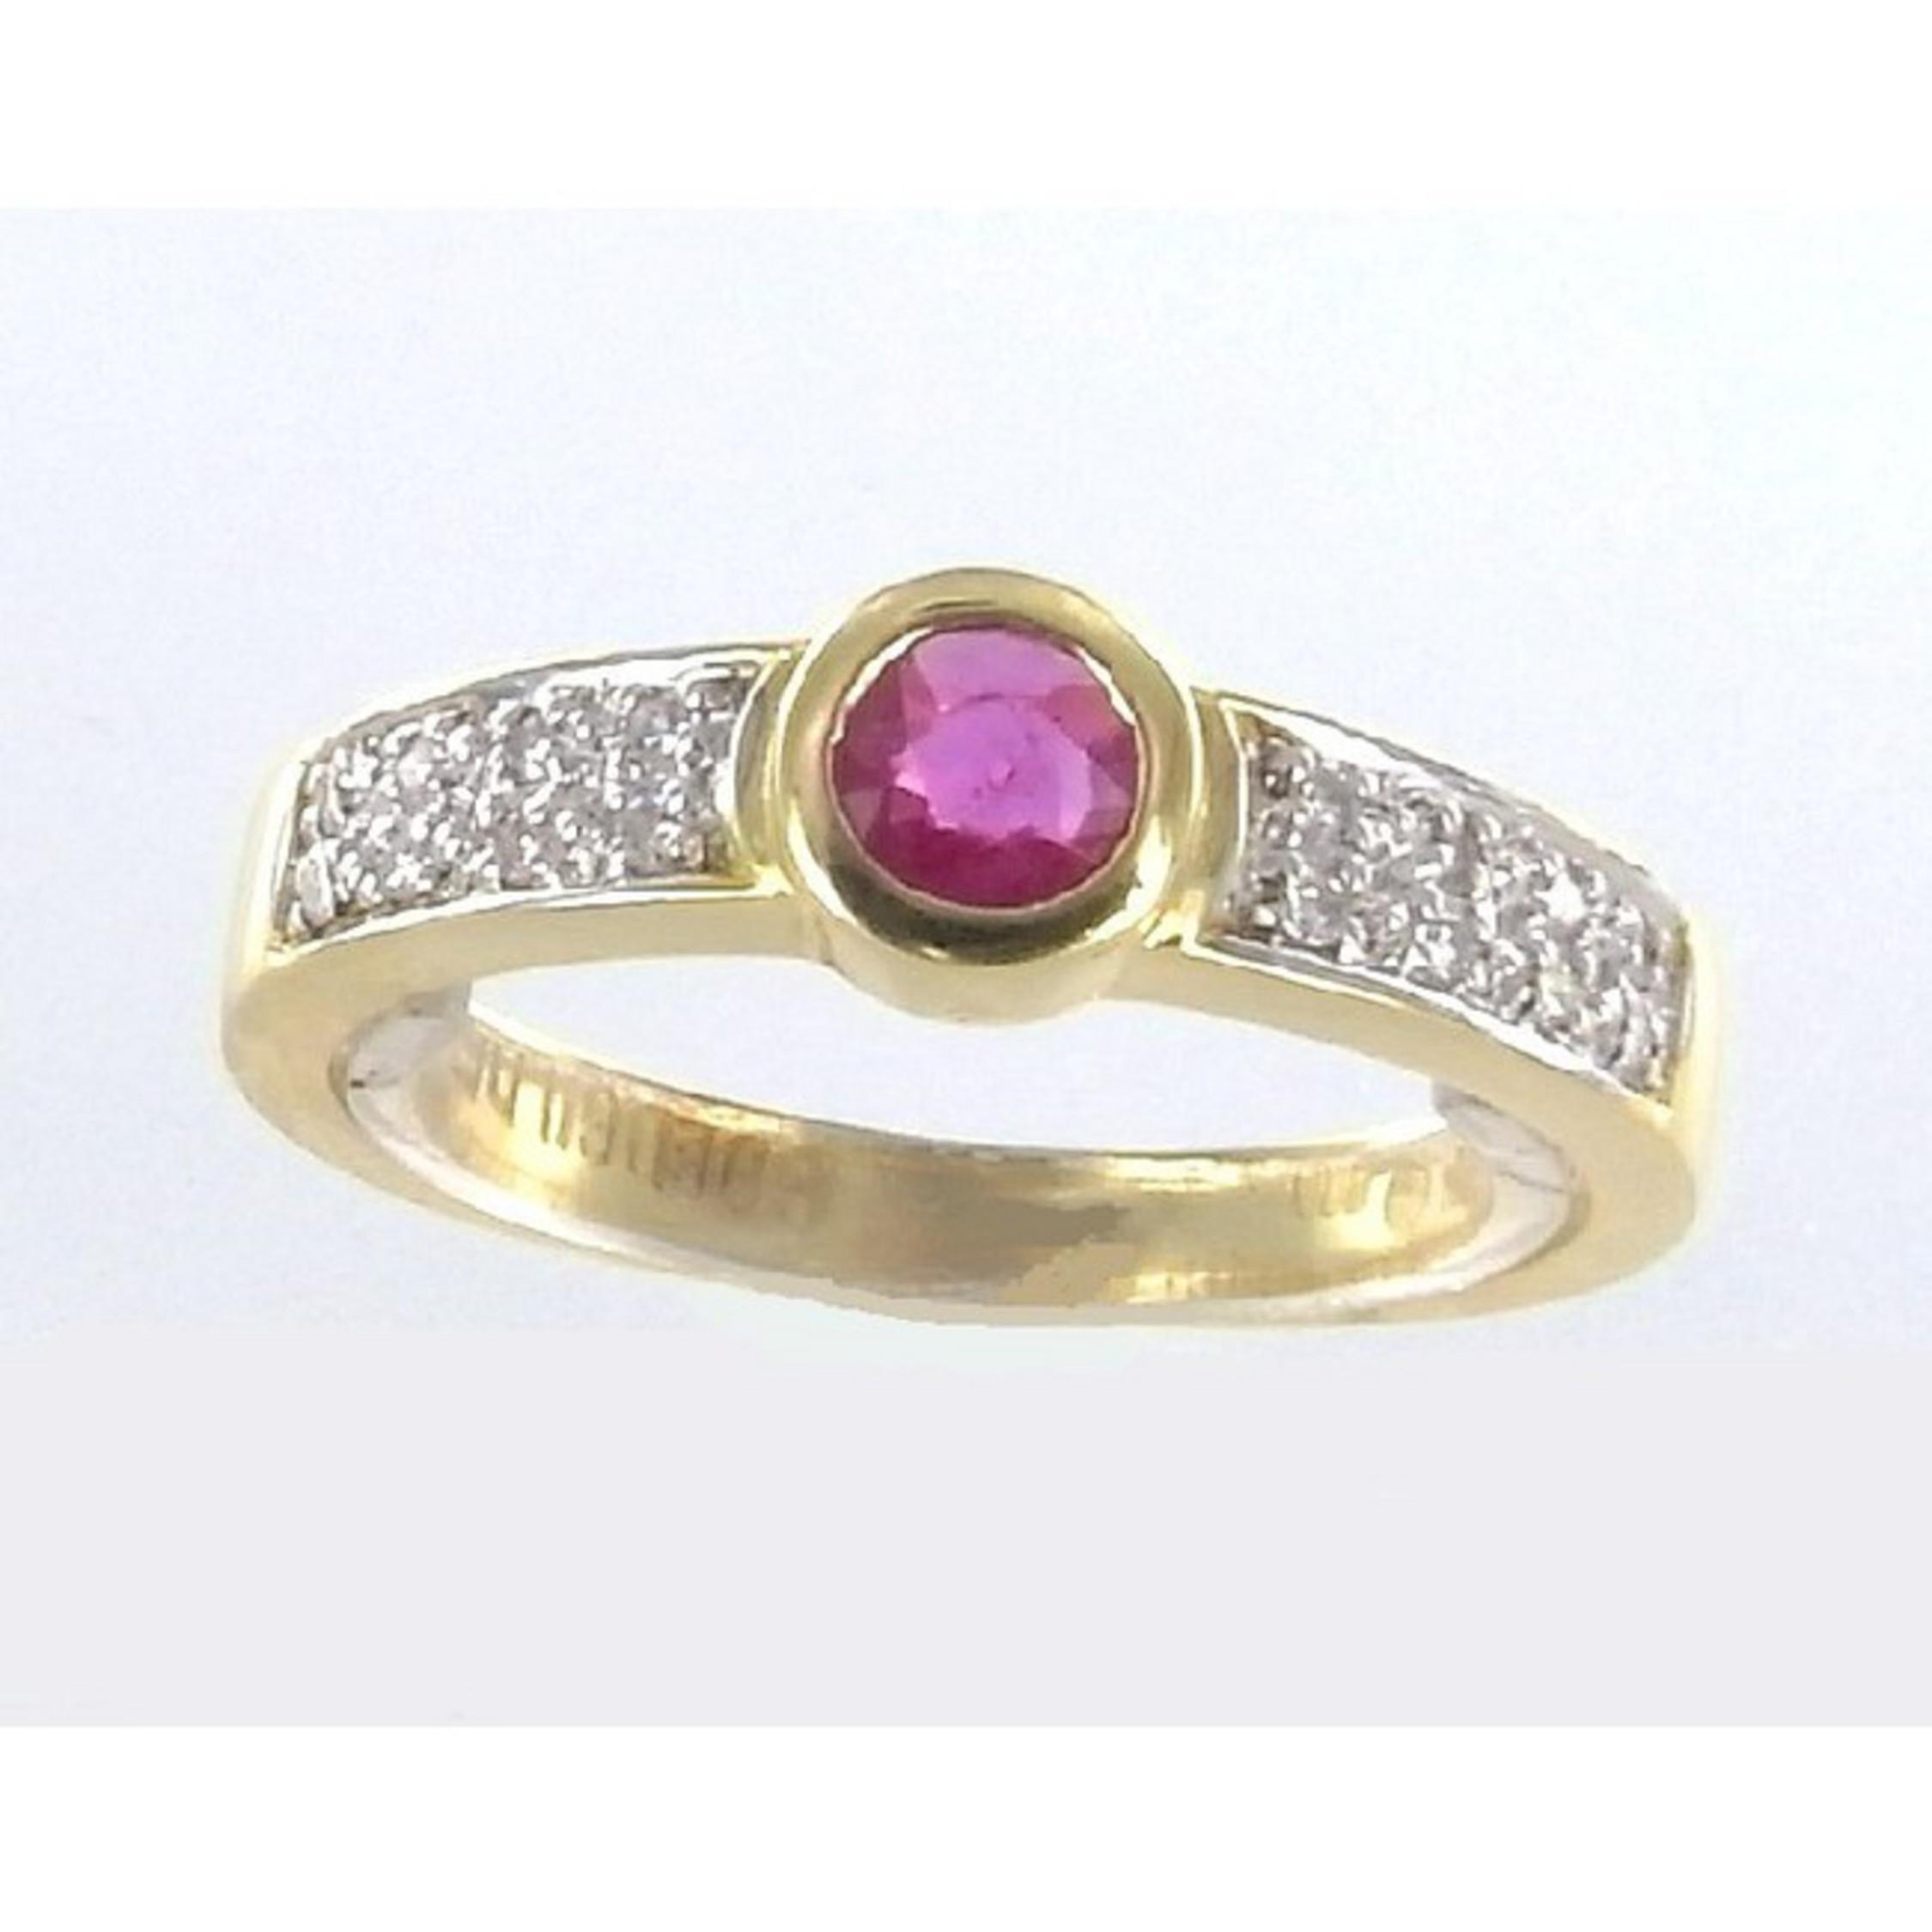 ring 56 goldfarben gold 585 14k rubin. Black Bedroom Furniture Sets. Home Design Ideas